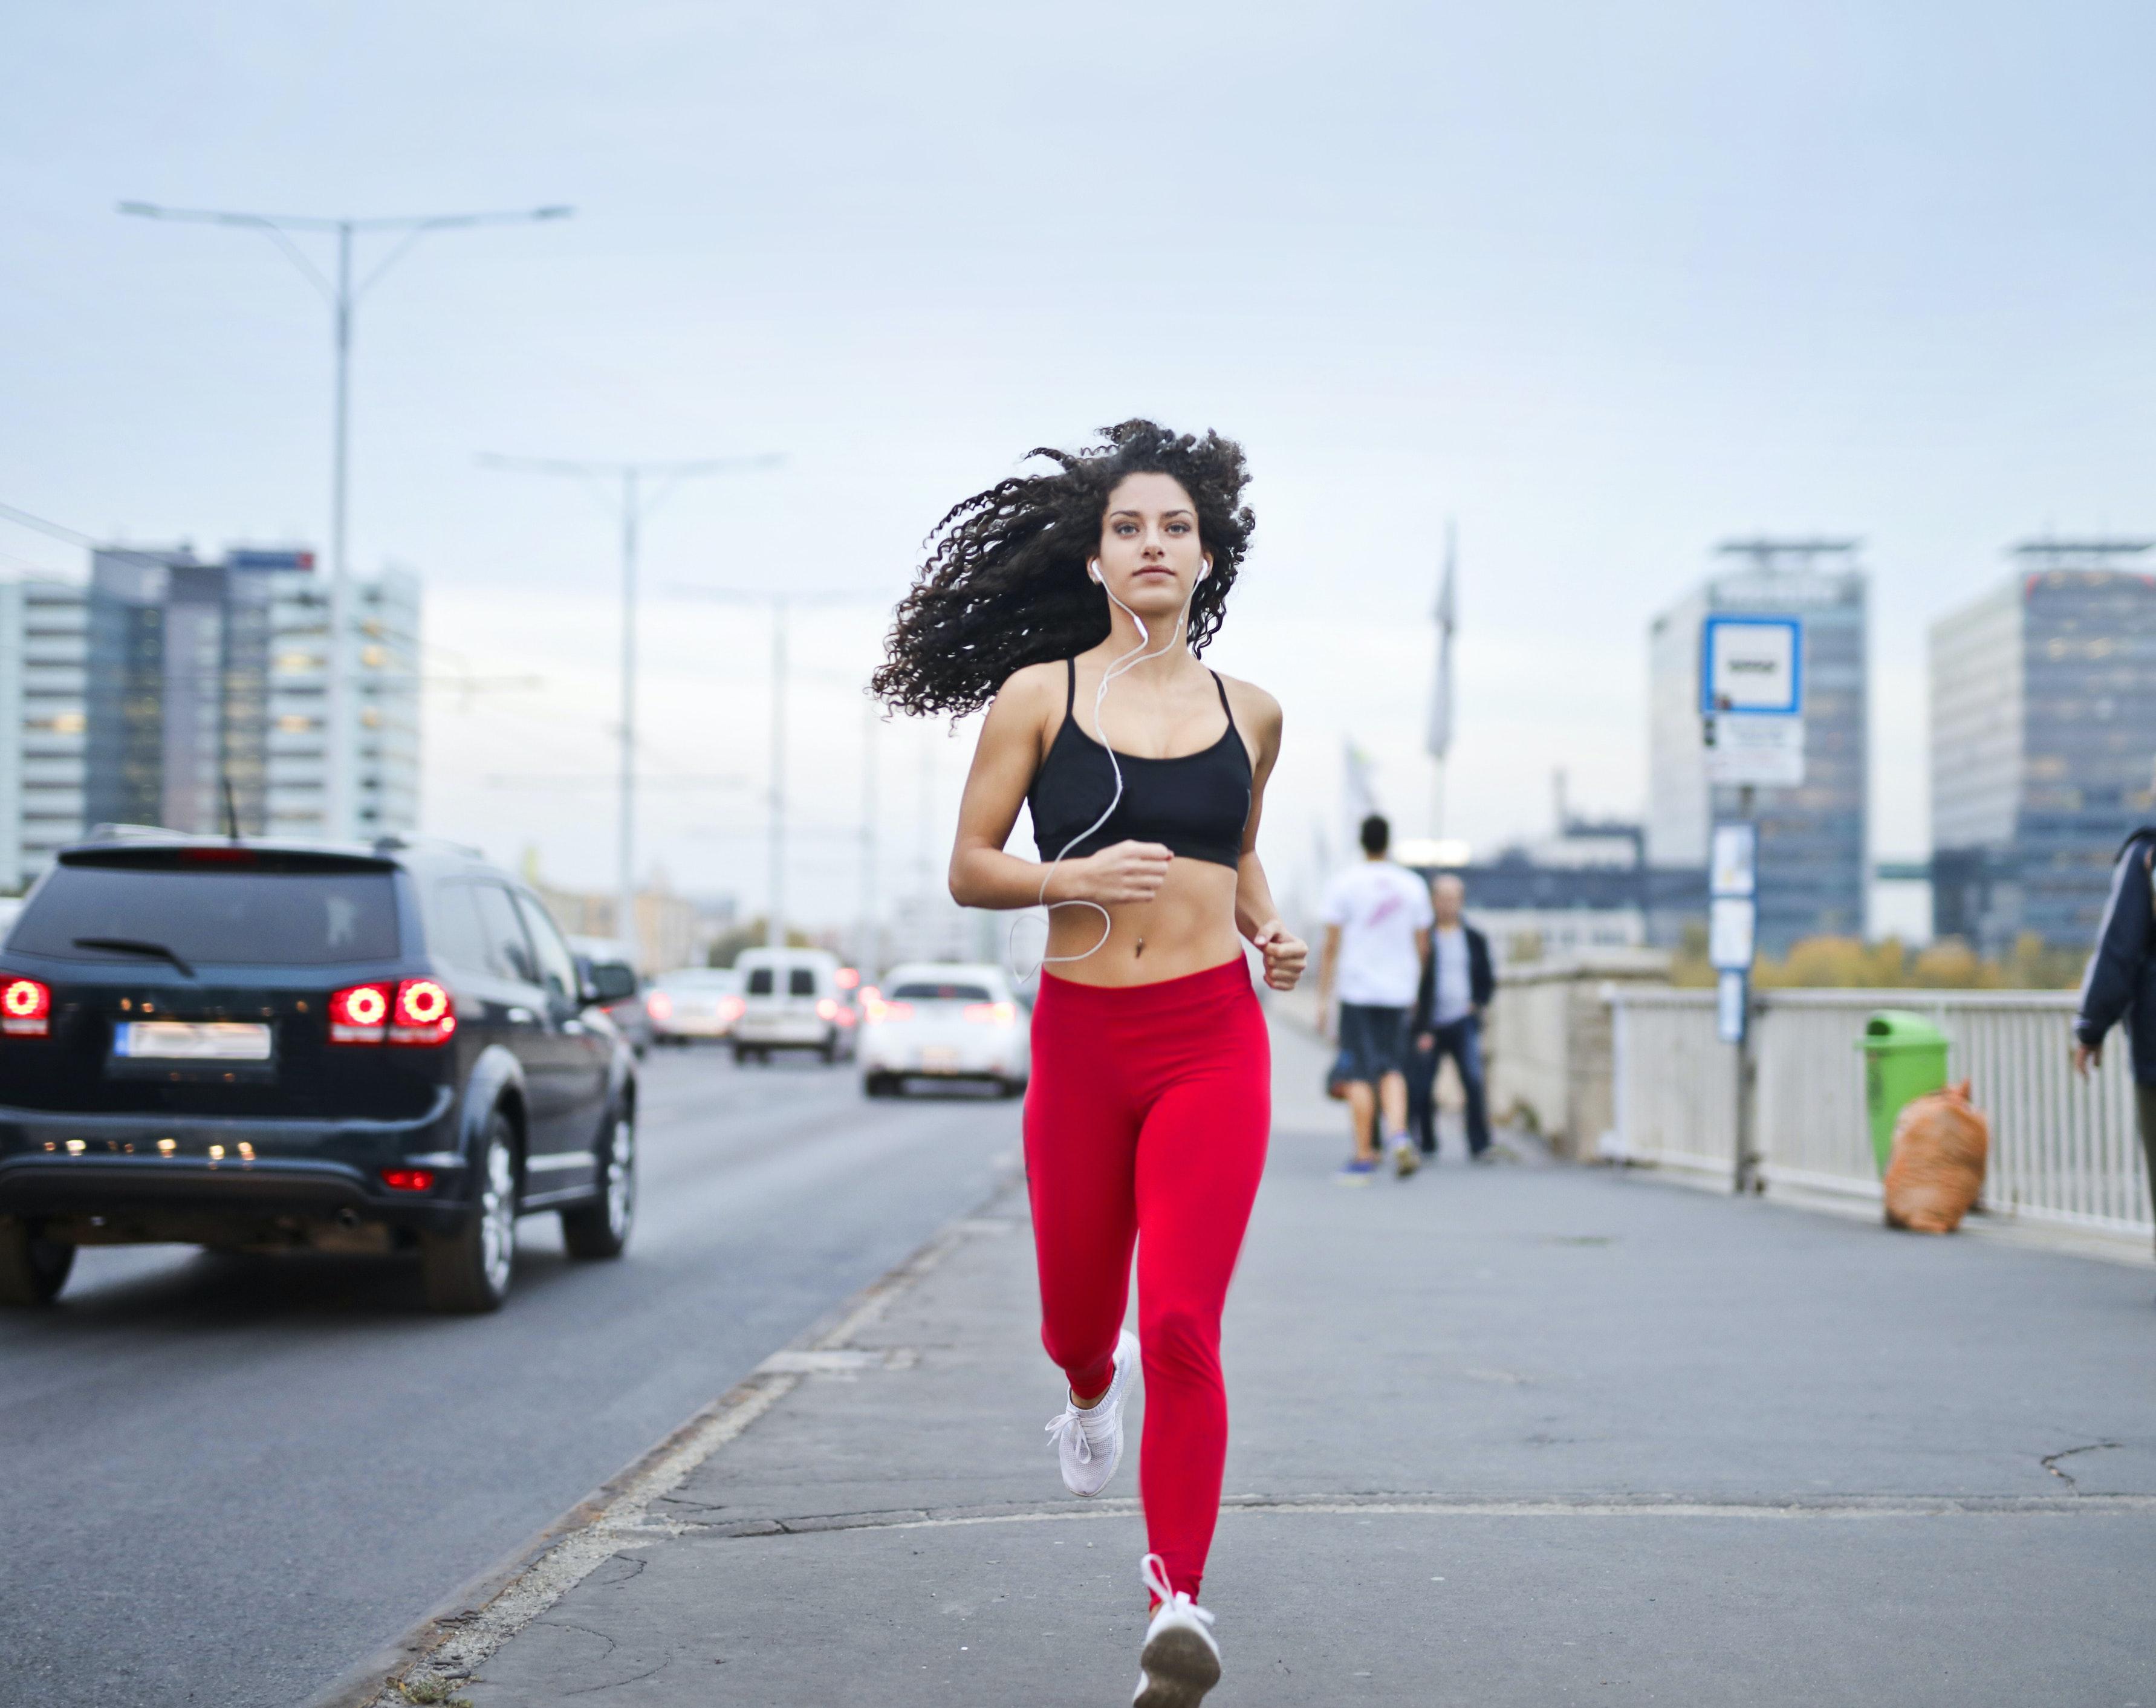 每次運動勿逾90分鐘!耶魯研究:打破迷思,揮汗過度後果嚴重